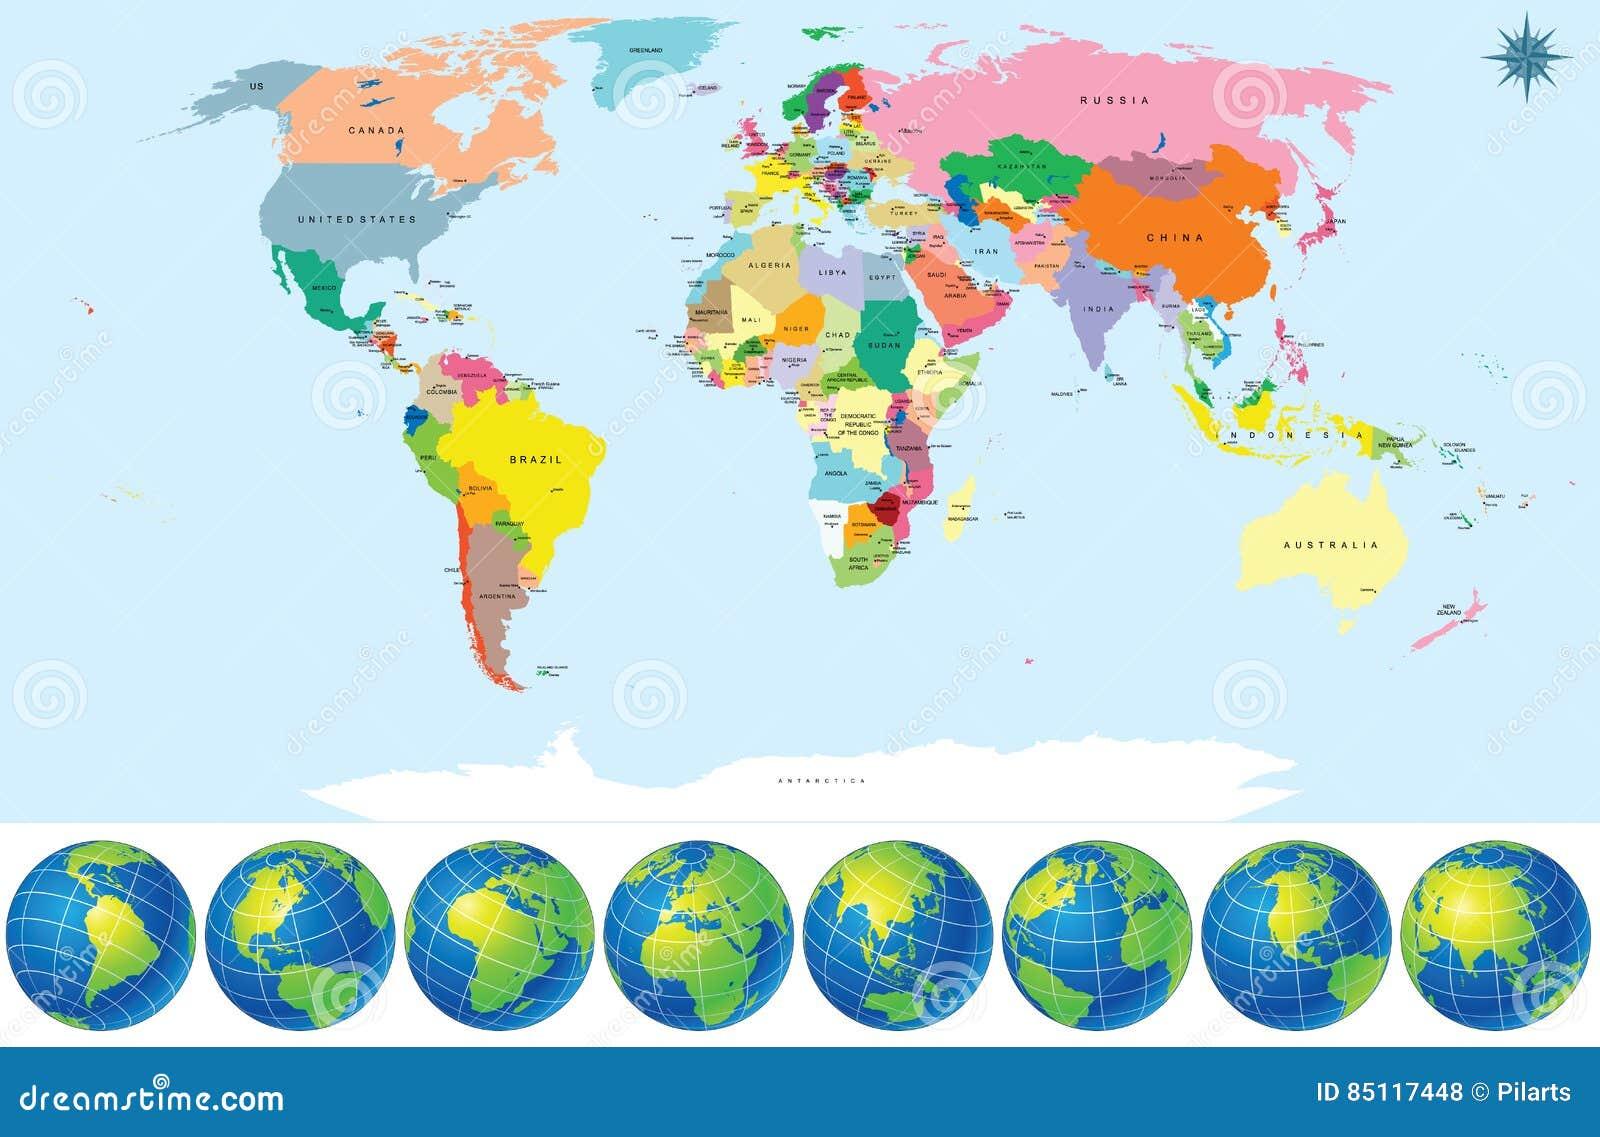 Cartina Mondo Politica Con Capitali.Mappa Di Mondo Politica Con I Globi Della Terra Illustrazione Vettoriale Illustrazione Di Profilo Formazione 85117448